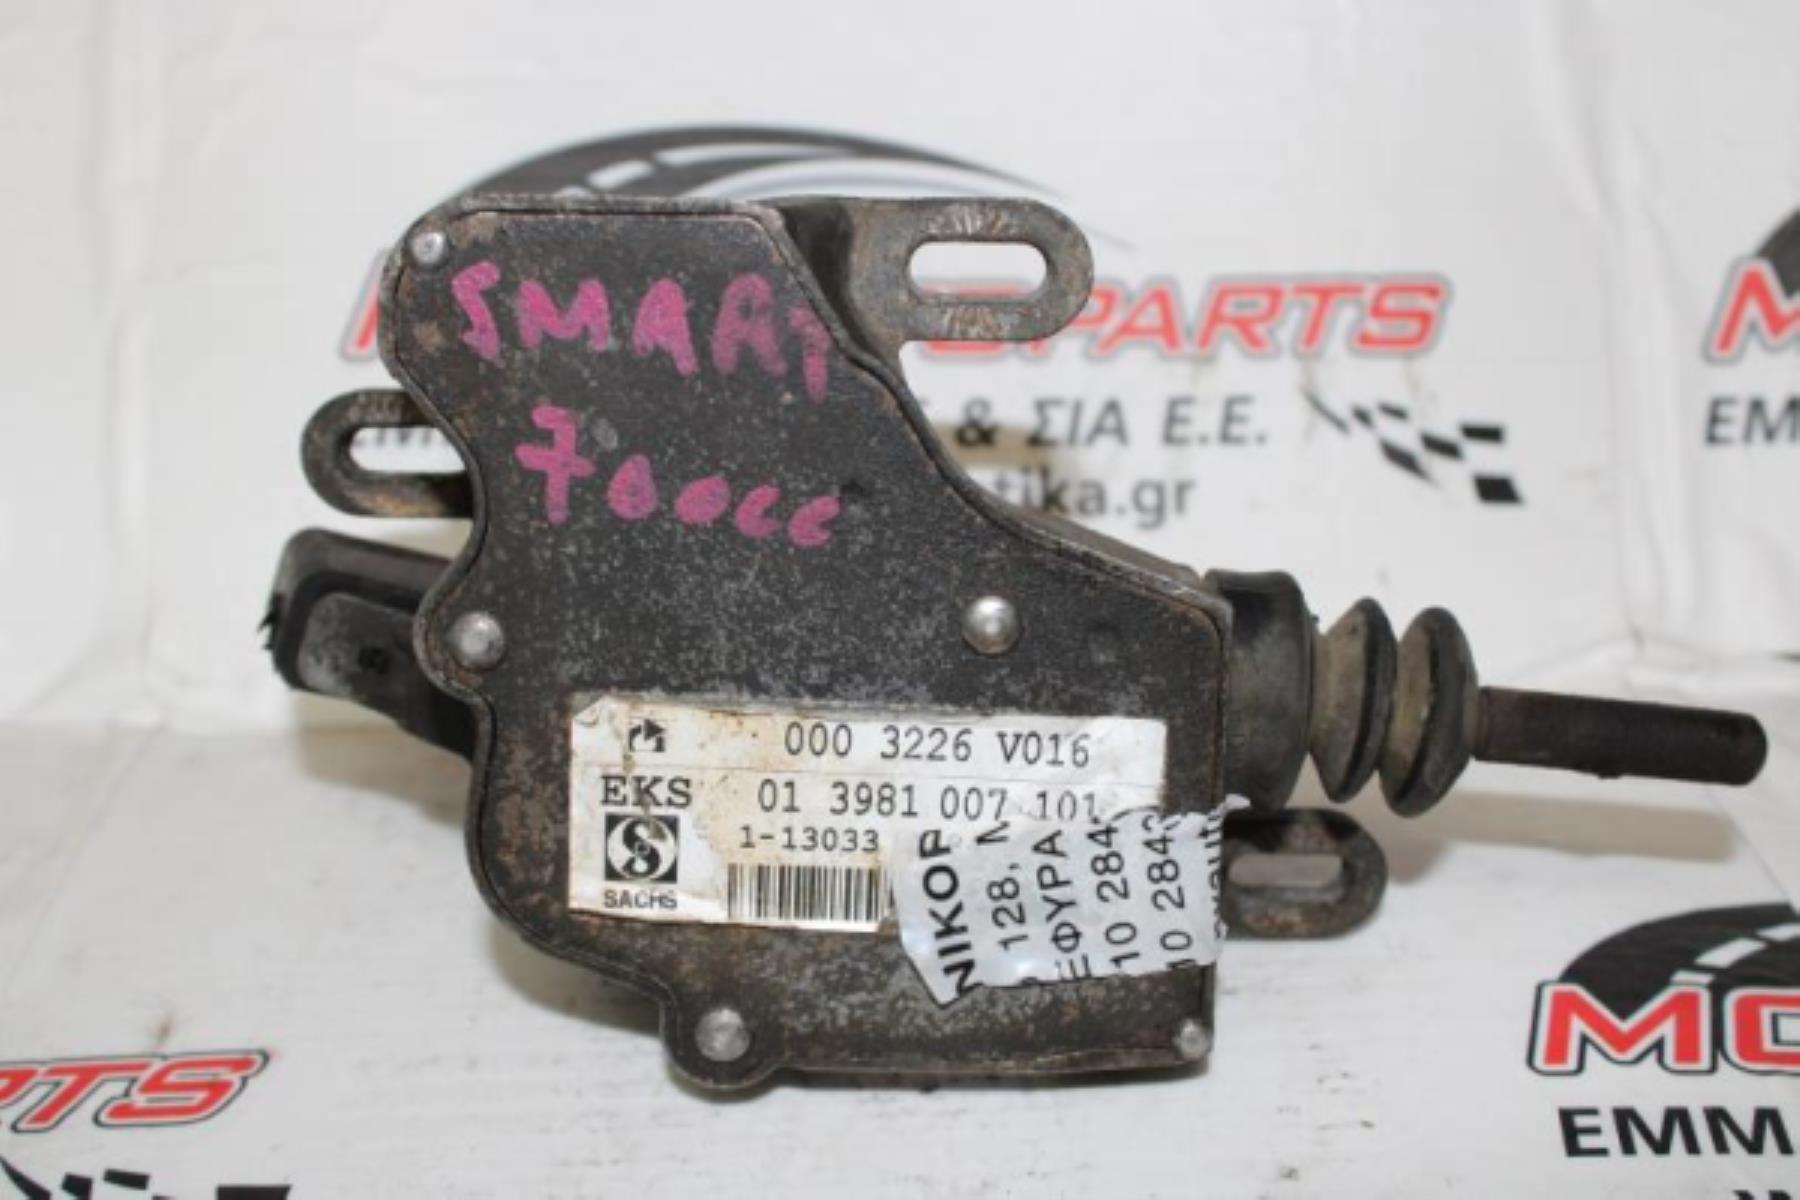 Εικόνα από Διάφορα μετάδοσης  SMART 450 (1998-2006) 700cc 013981007101   ενεργοποιητής συμπλέκτη